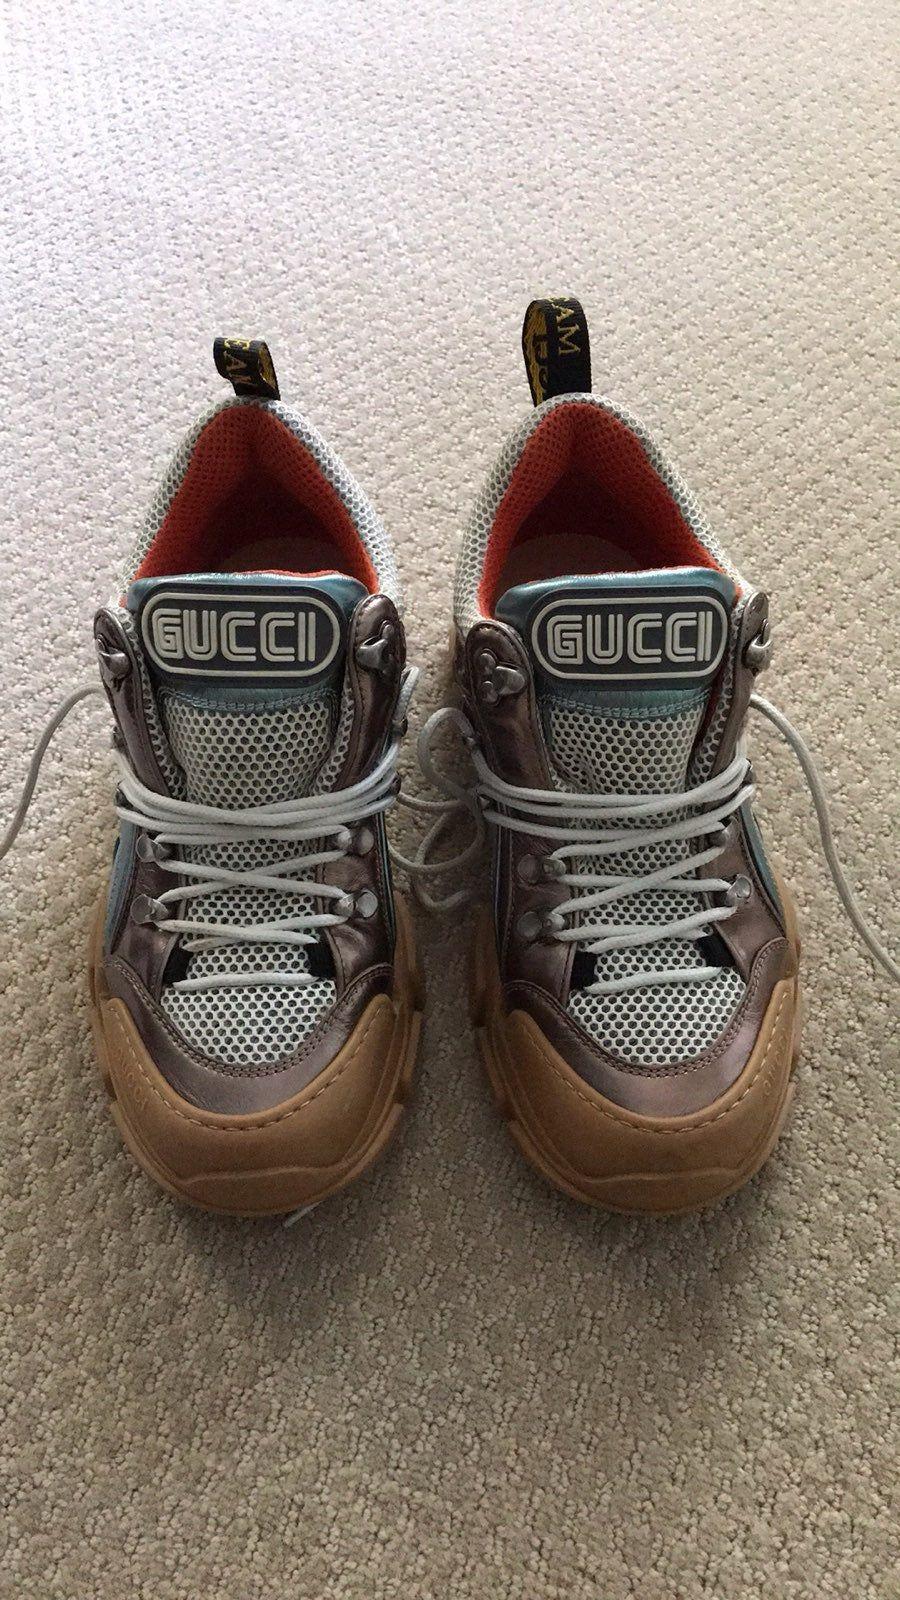 Gucci fashion, Sneakers